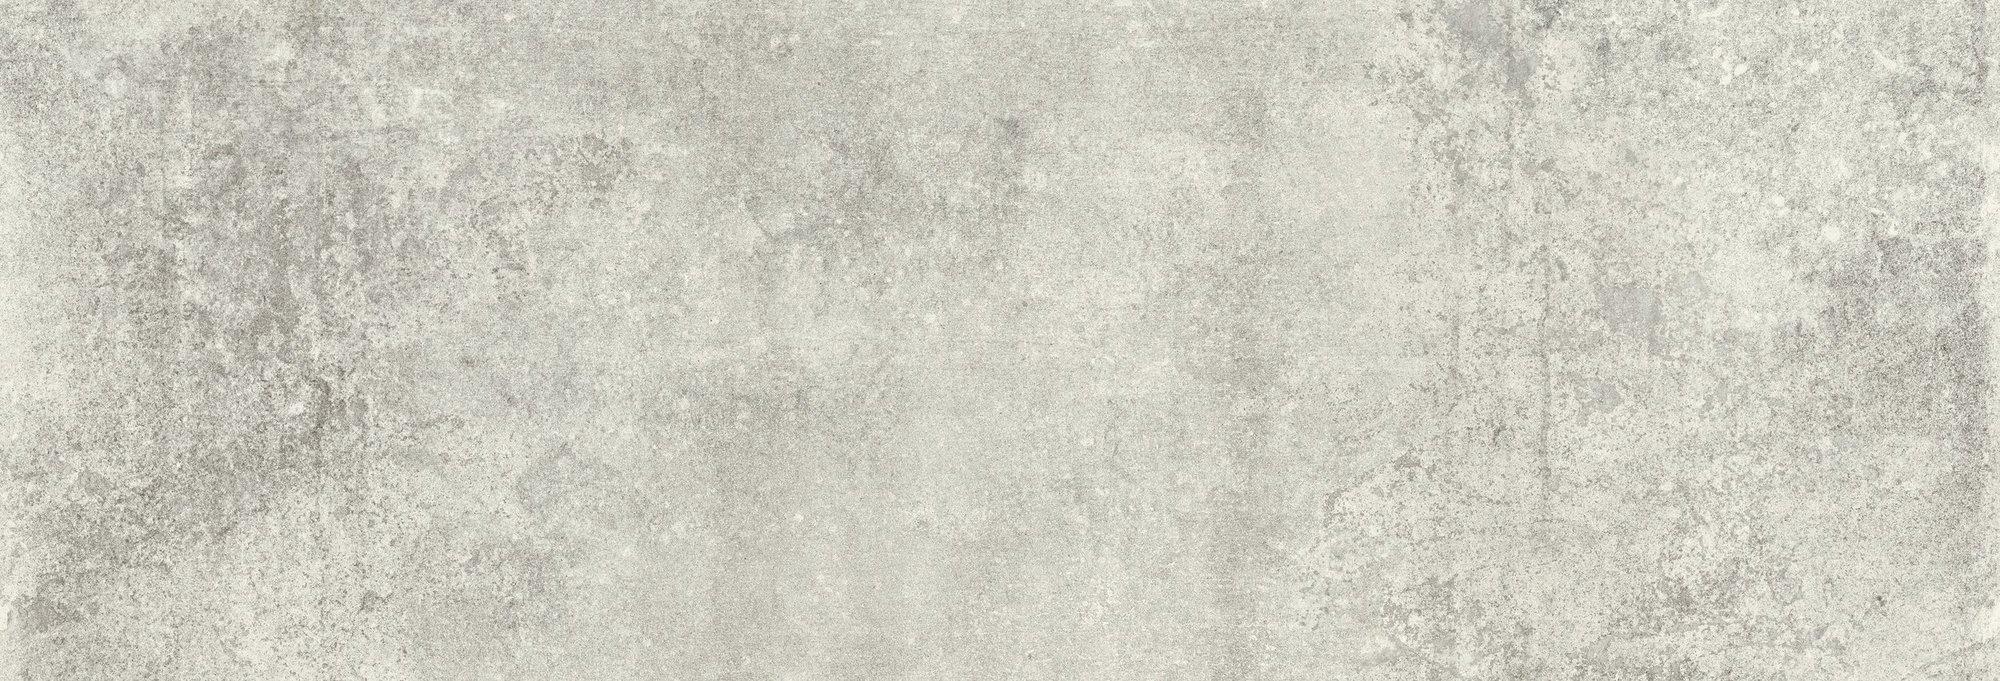 Płytka ścienna AB Nickon Steel 40x120 cm